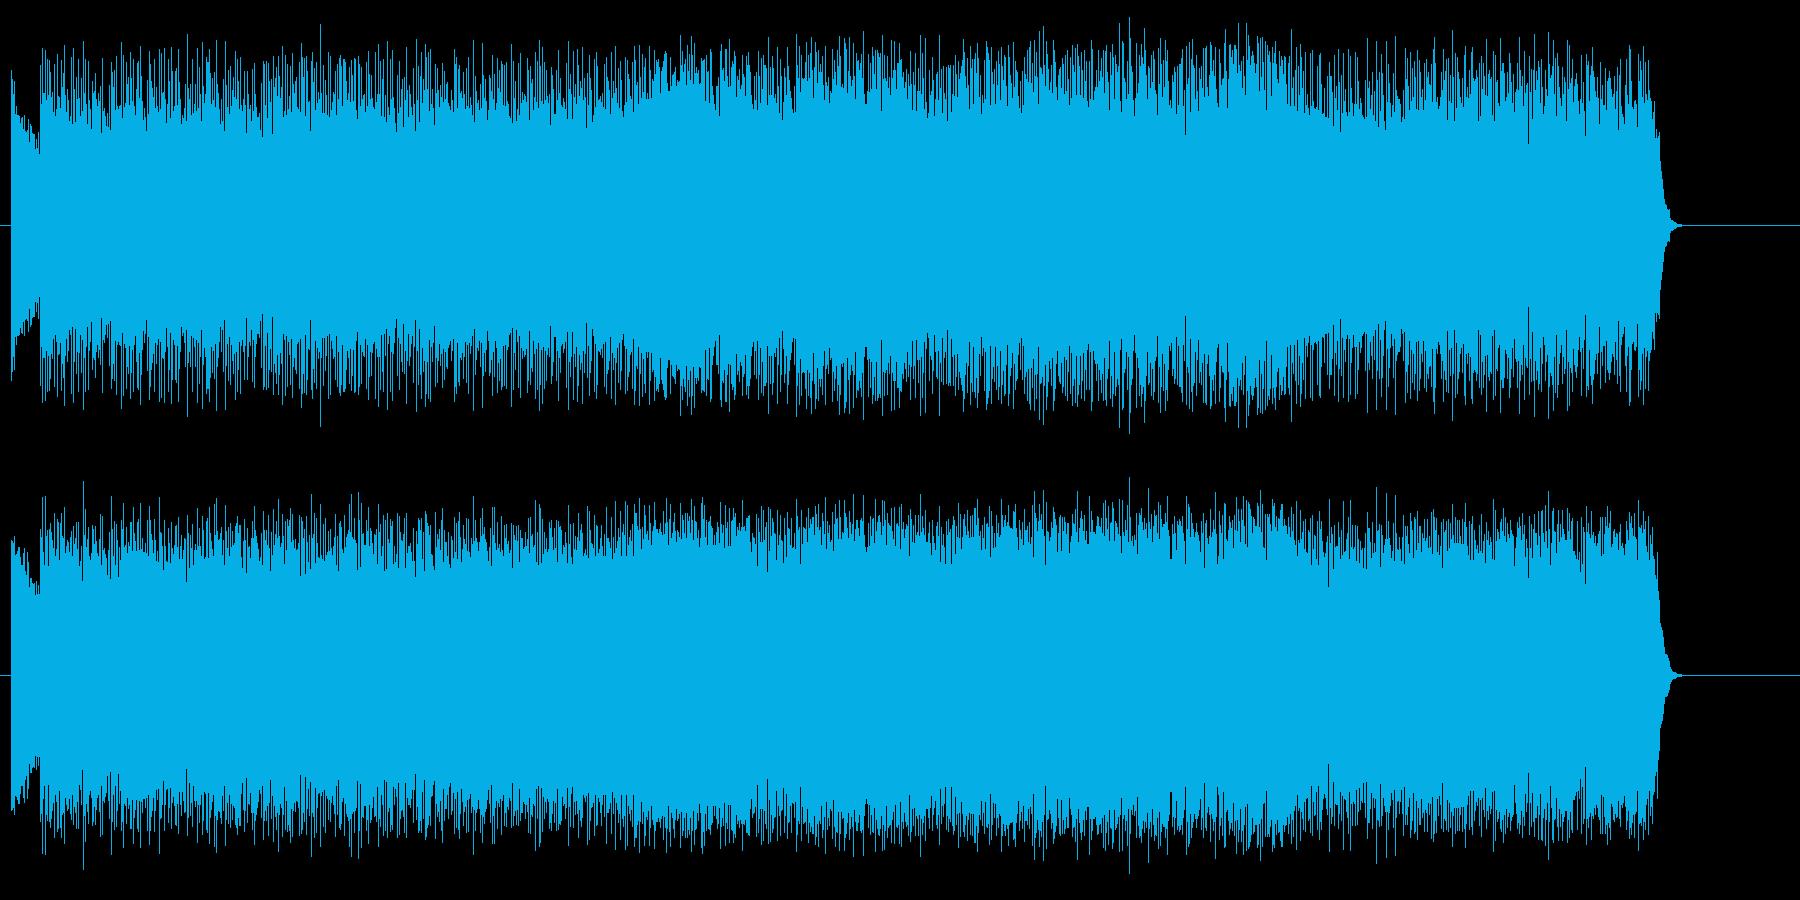 熱戦の火蓋を切る激しいメタル・ロックの再生済みの波形